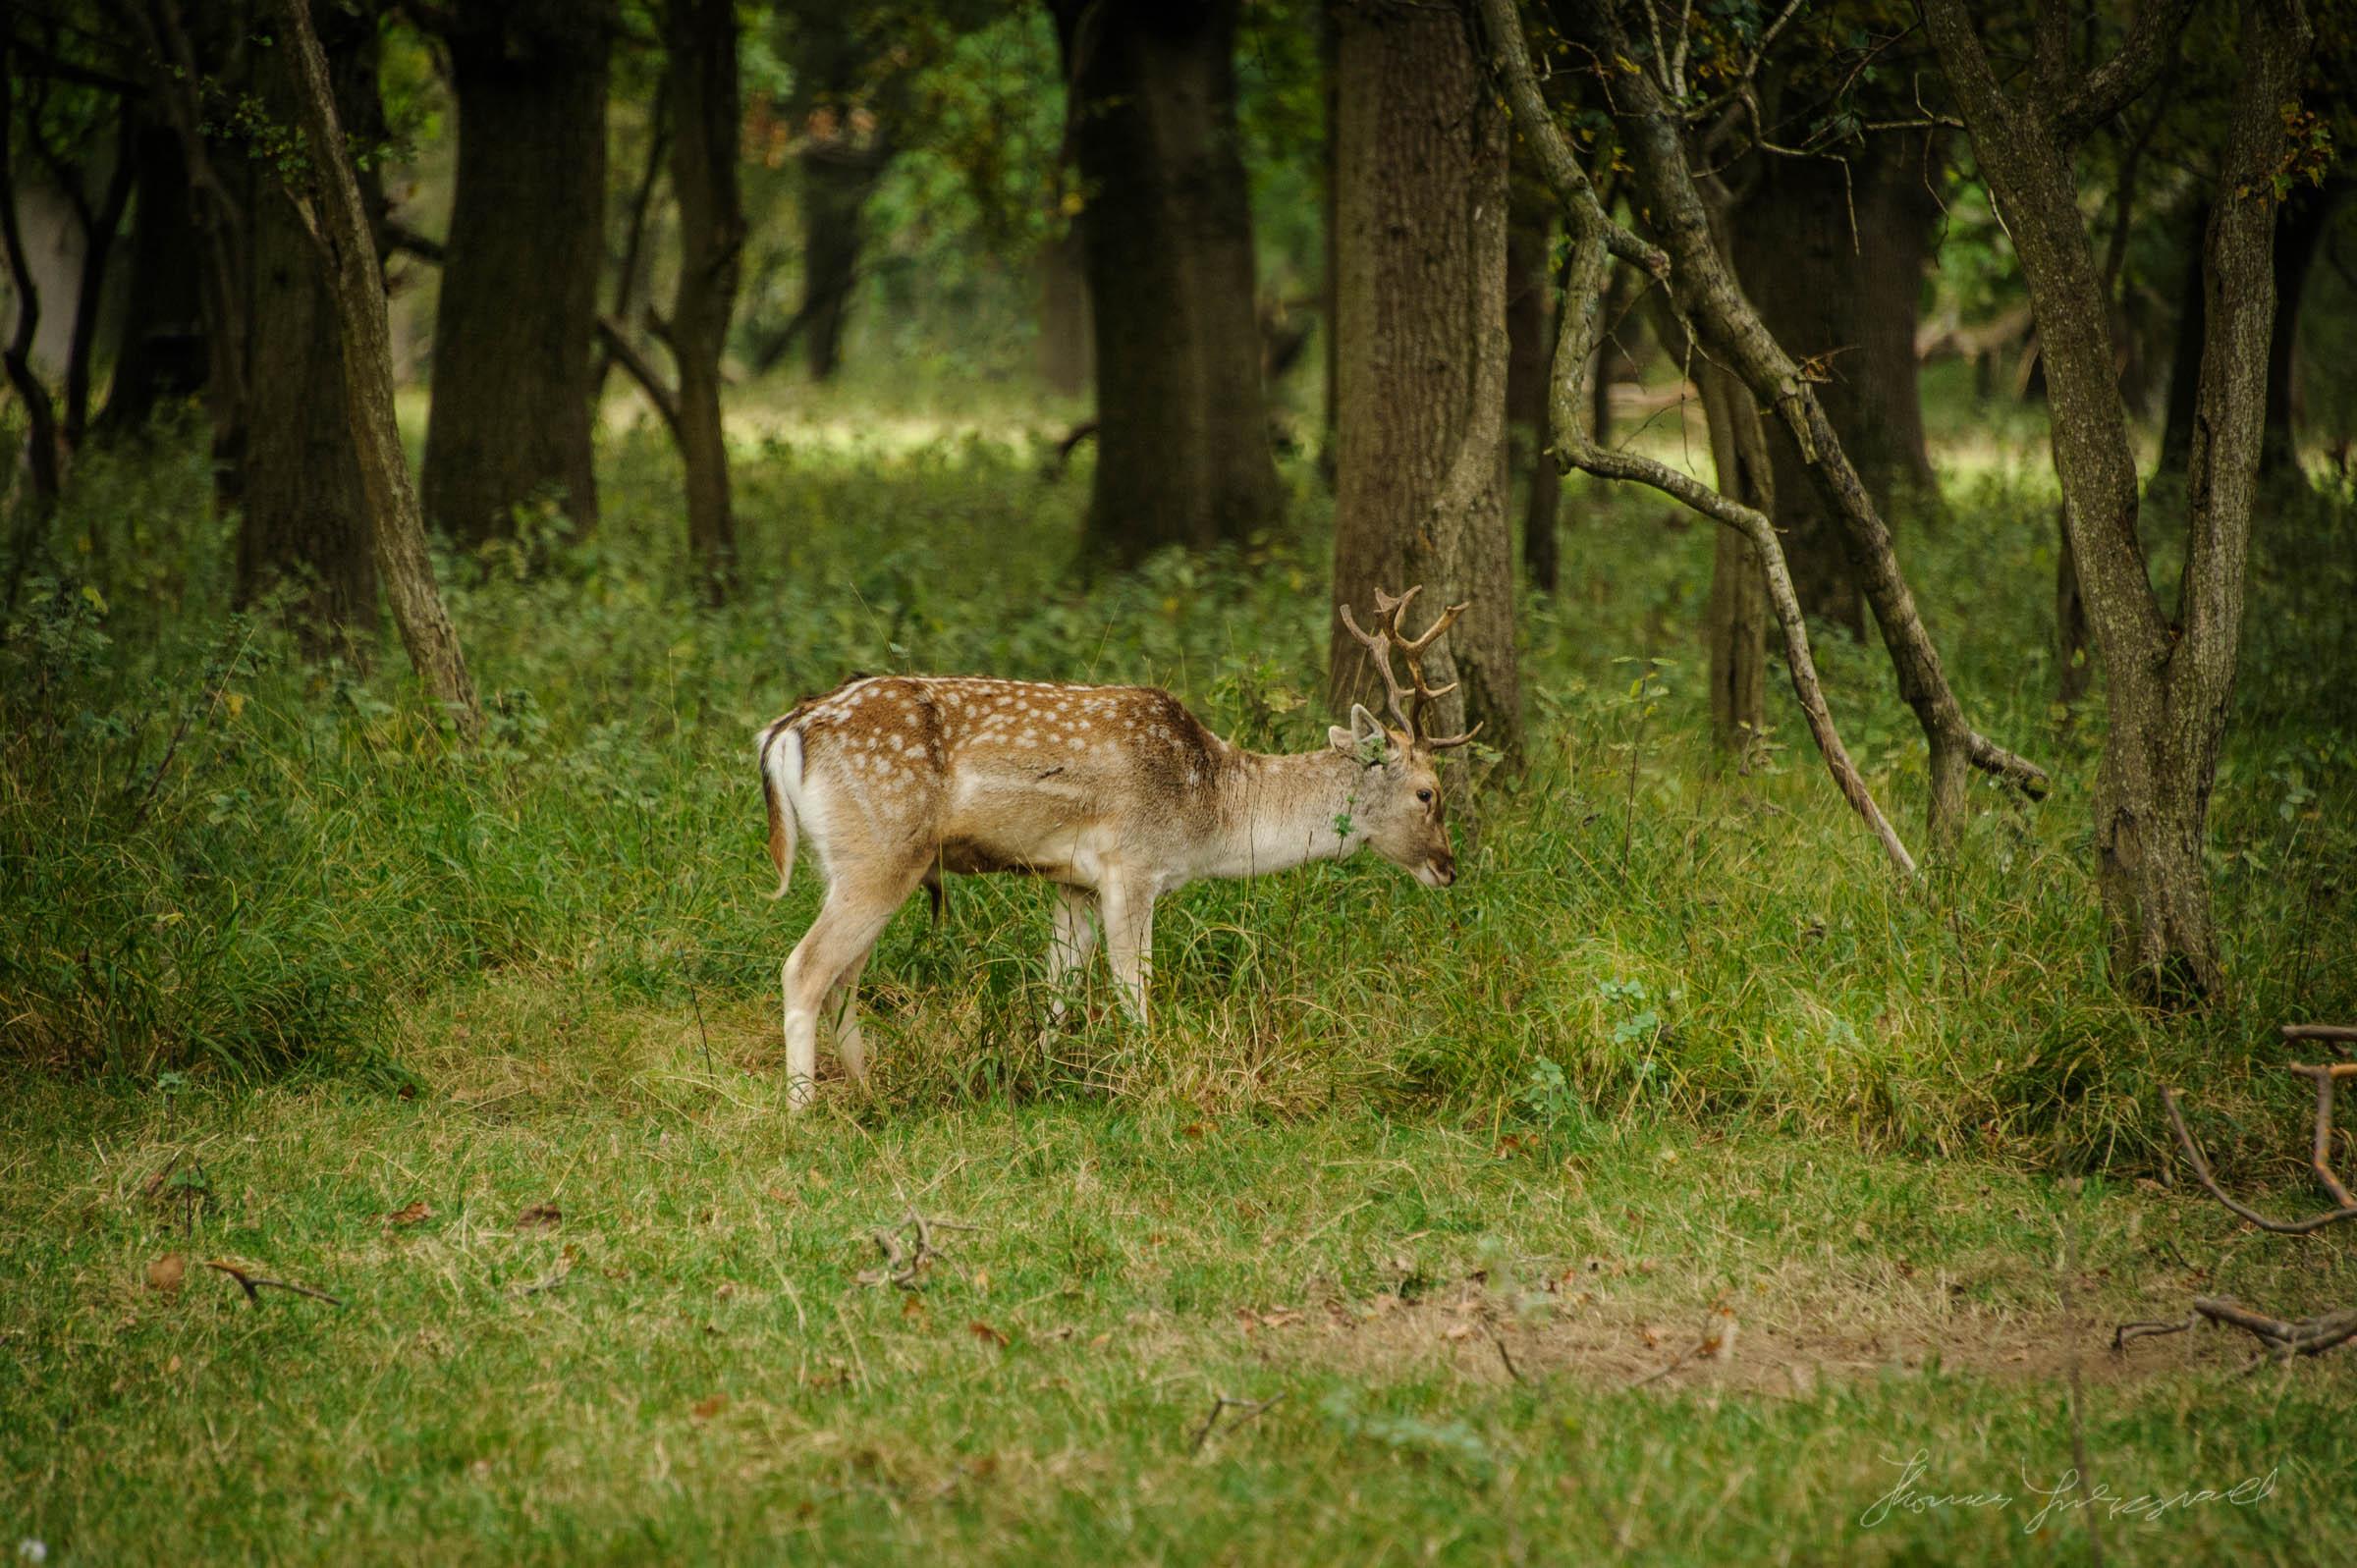 Pheonix-Park-Deer-07.jpg